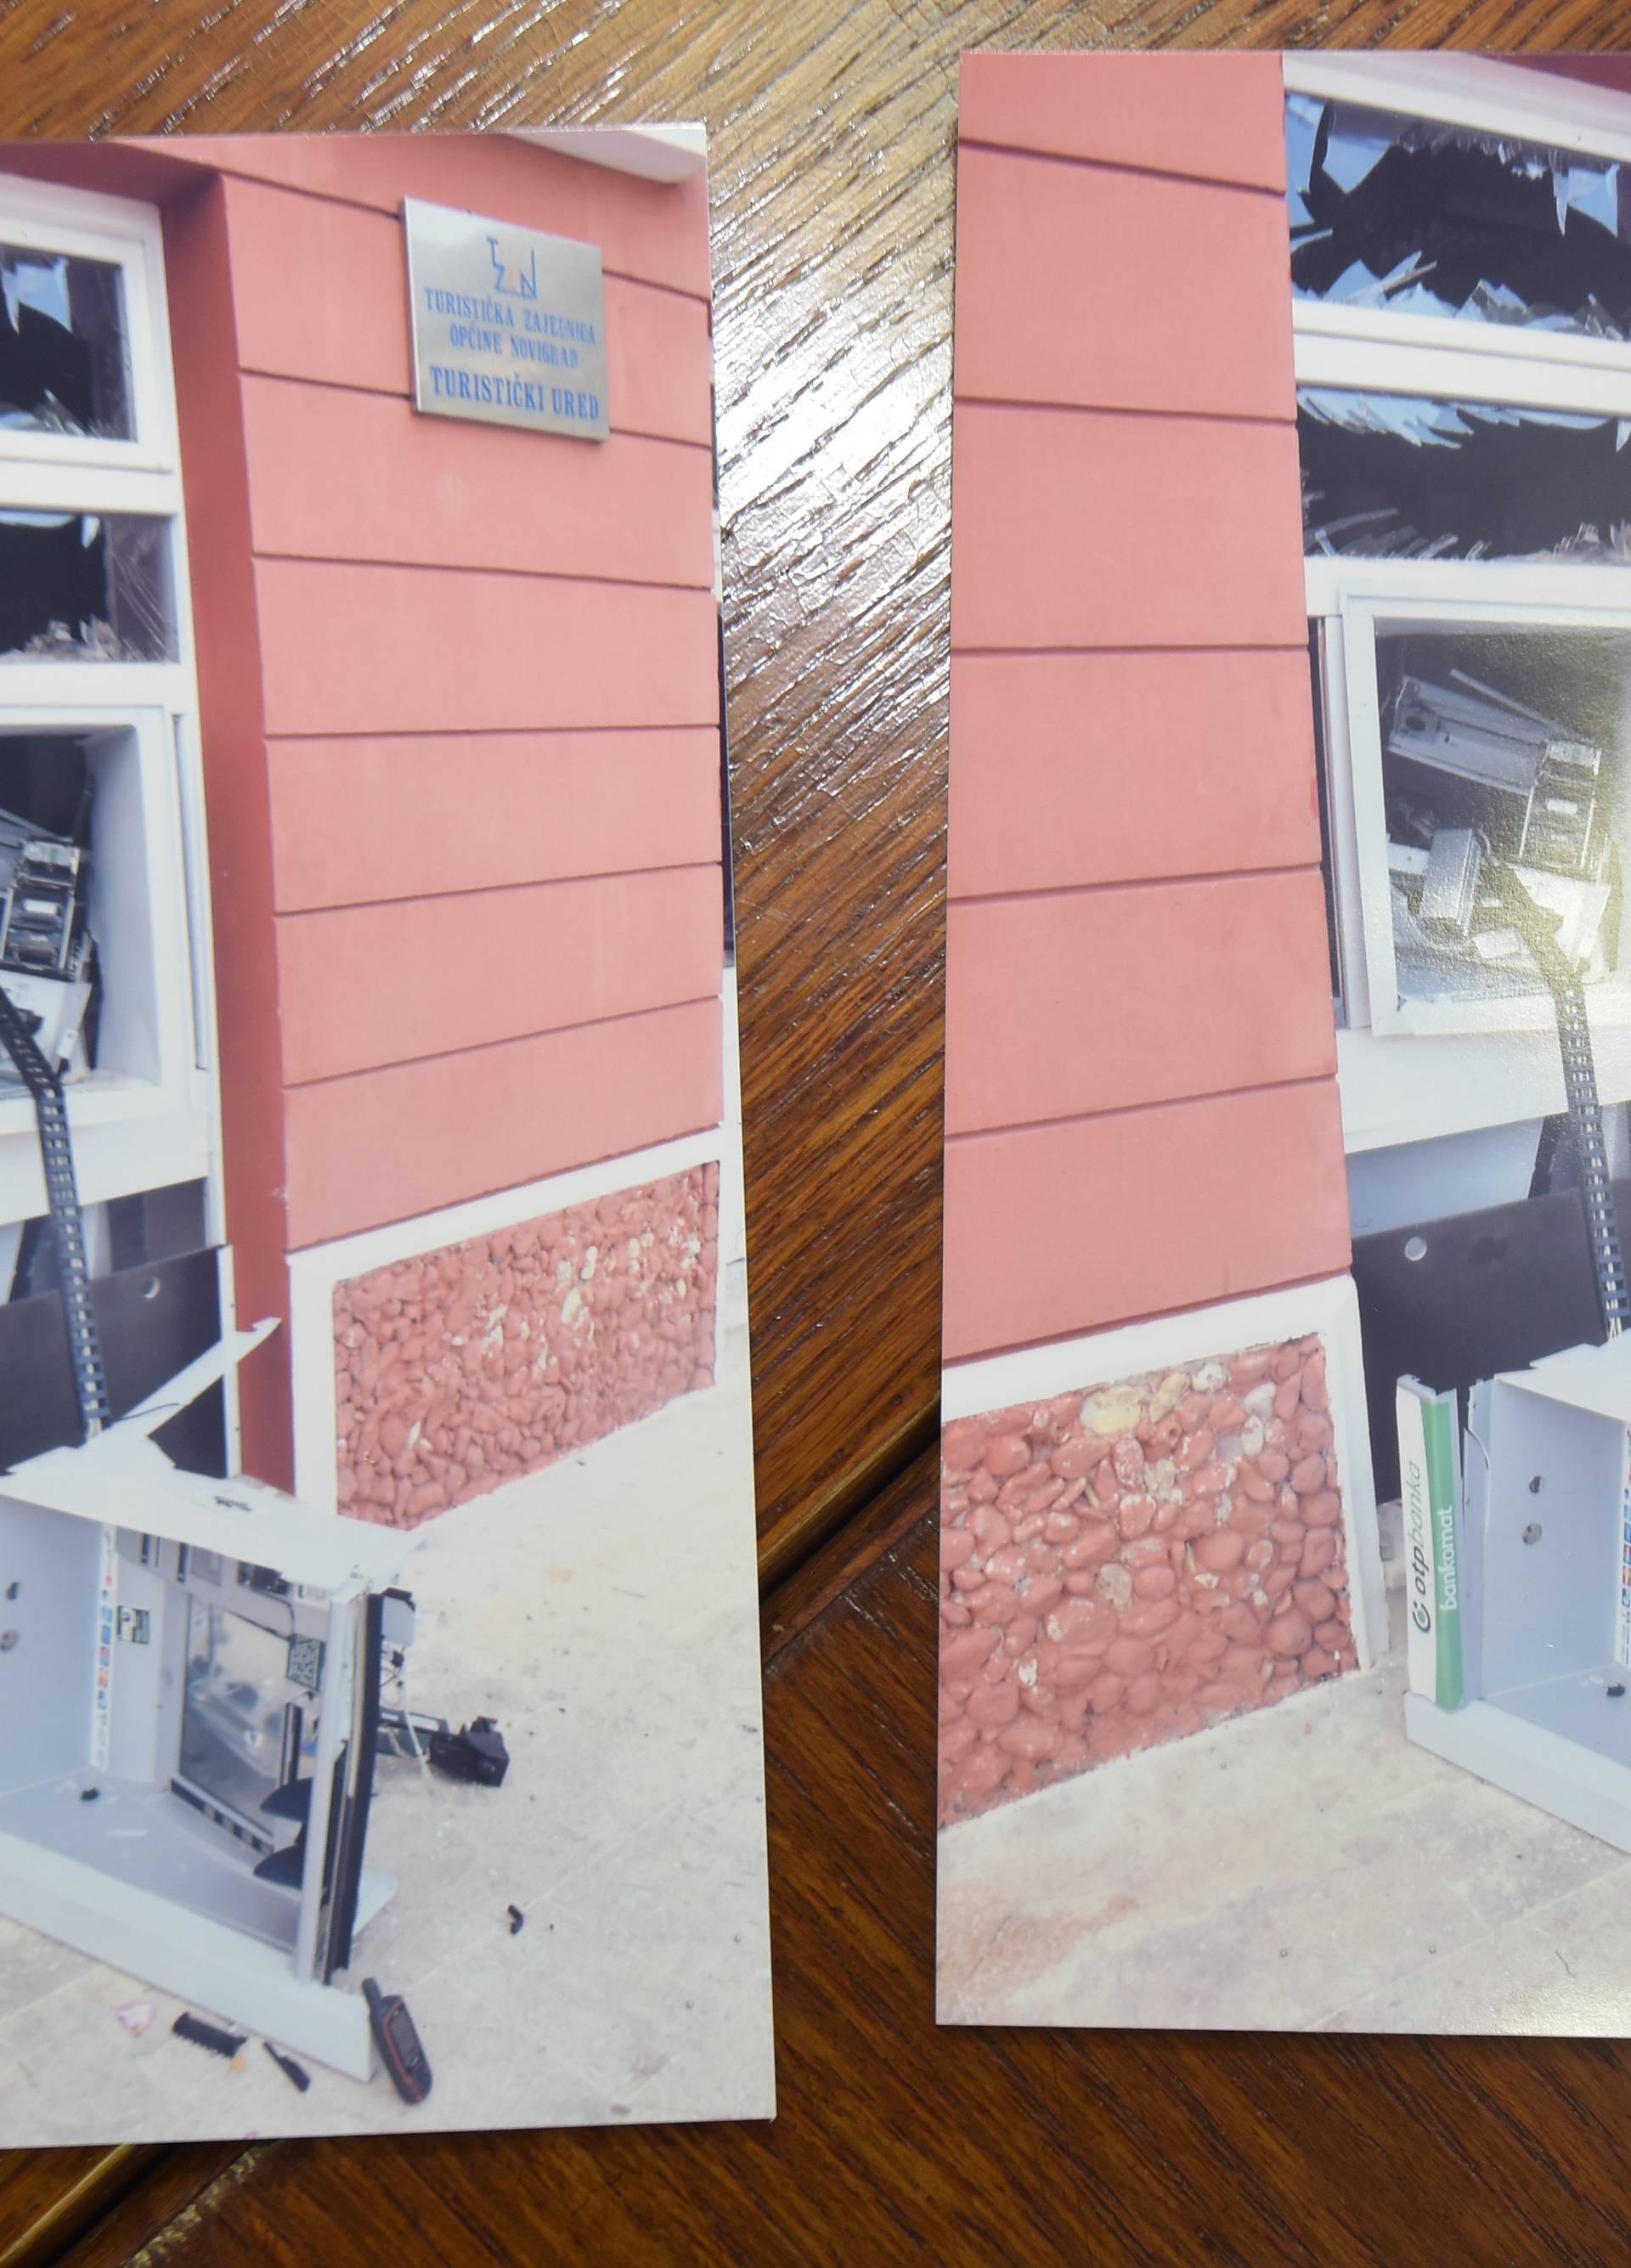 Zadar: U PU zadarskoj predstavljeni rezultati istrage nakon krađe novca iz bankomata u Novigradu